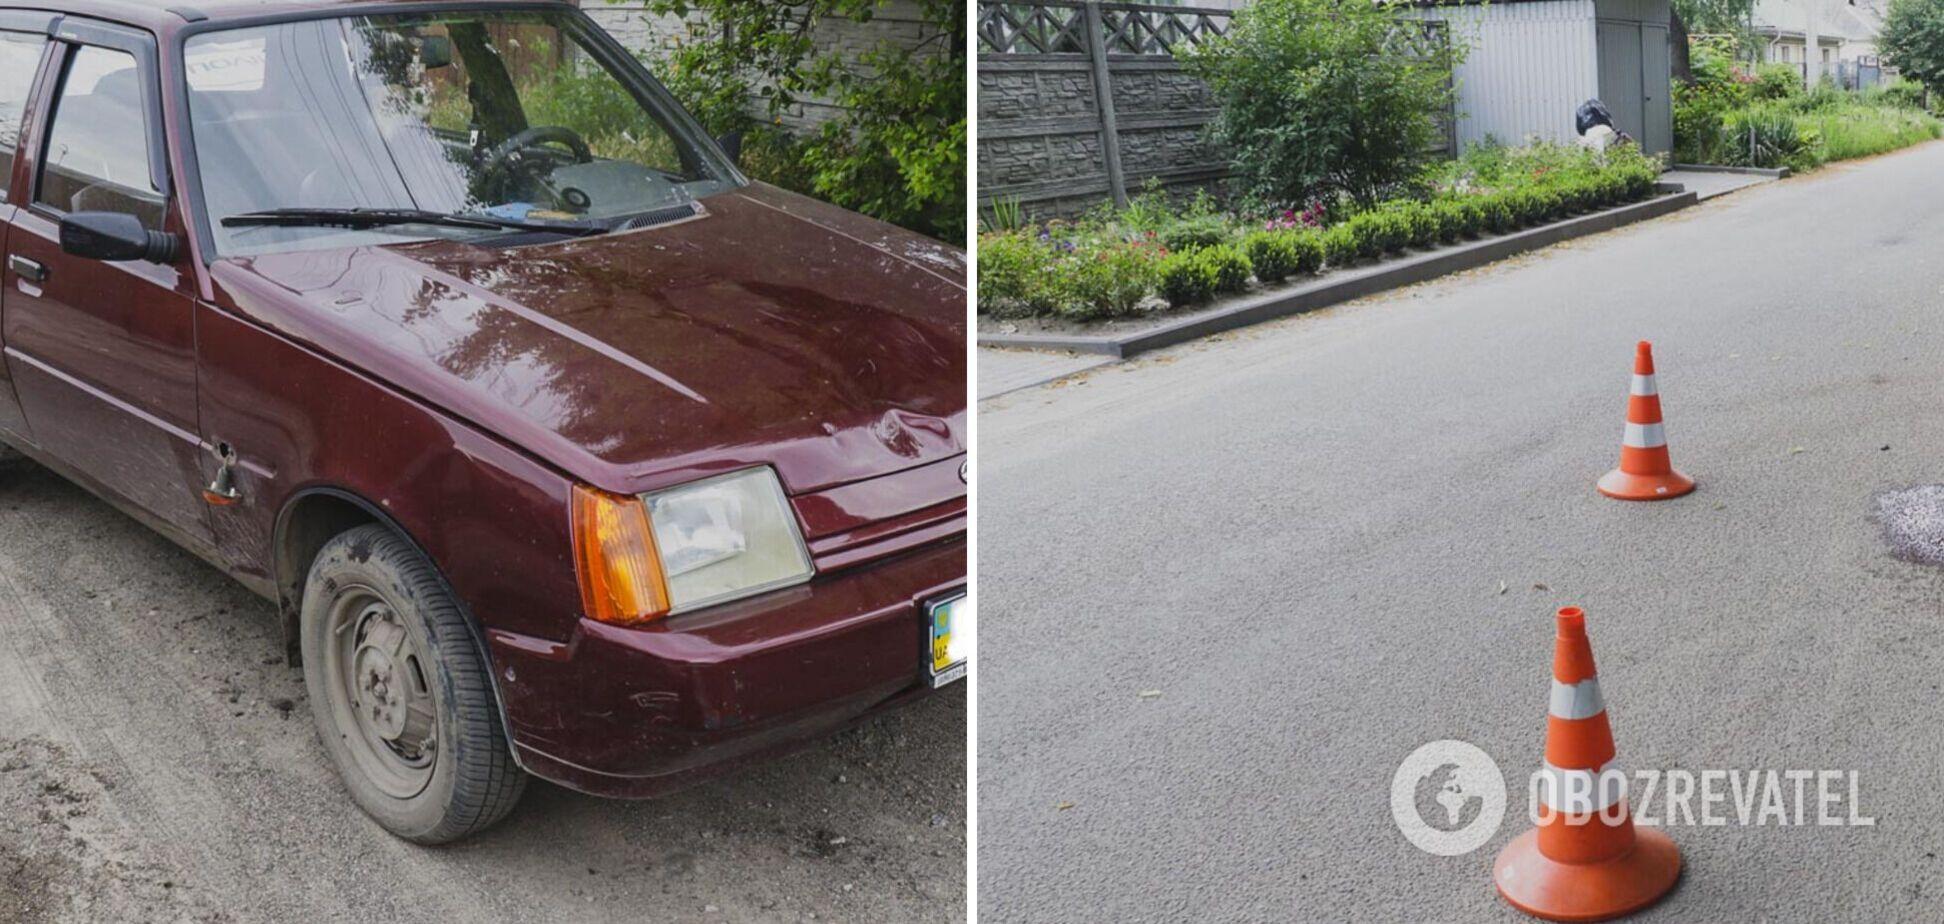 В Днепре водитель авто трижды переехал женщину и скрылся с места аварии. Фото